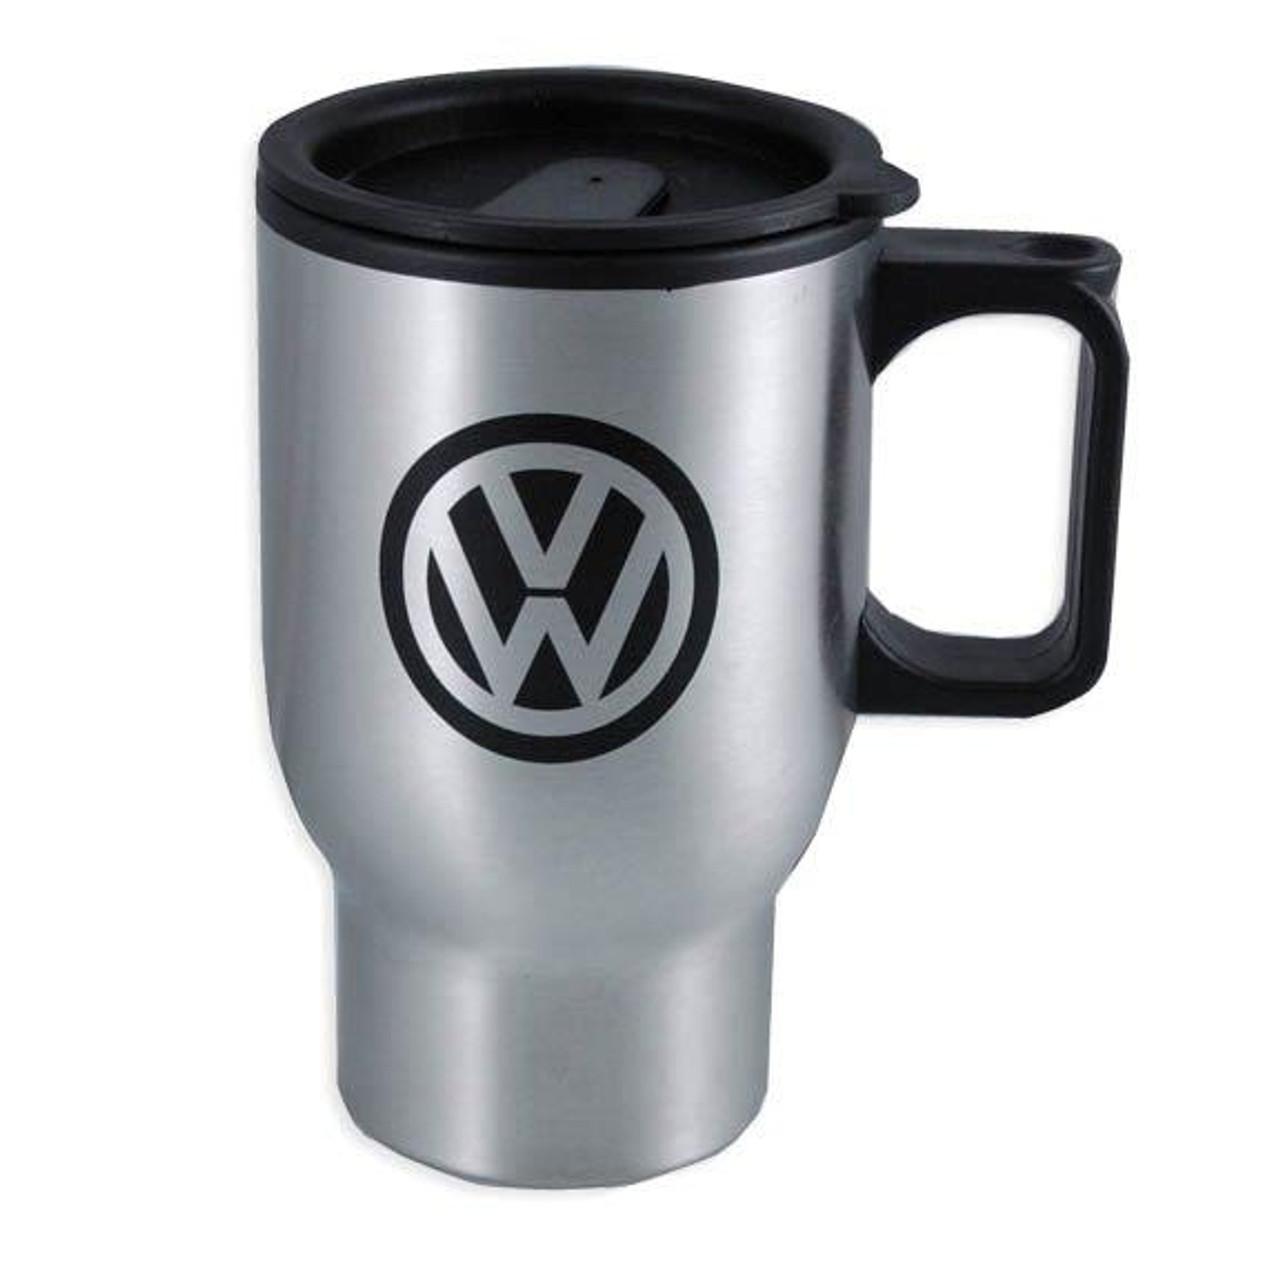 Vw Travel Coffee Mug